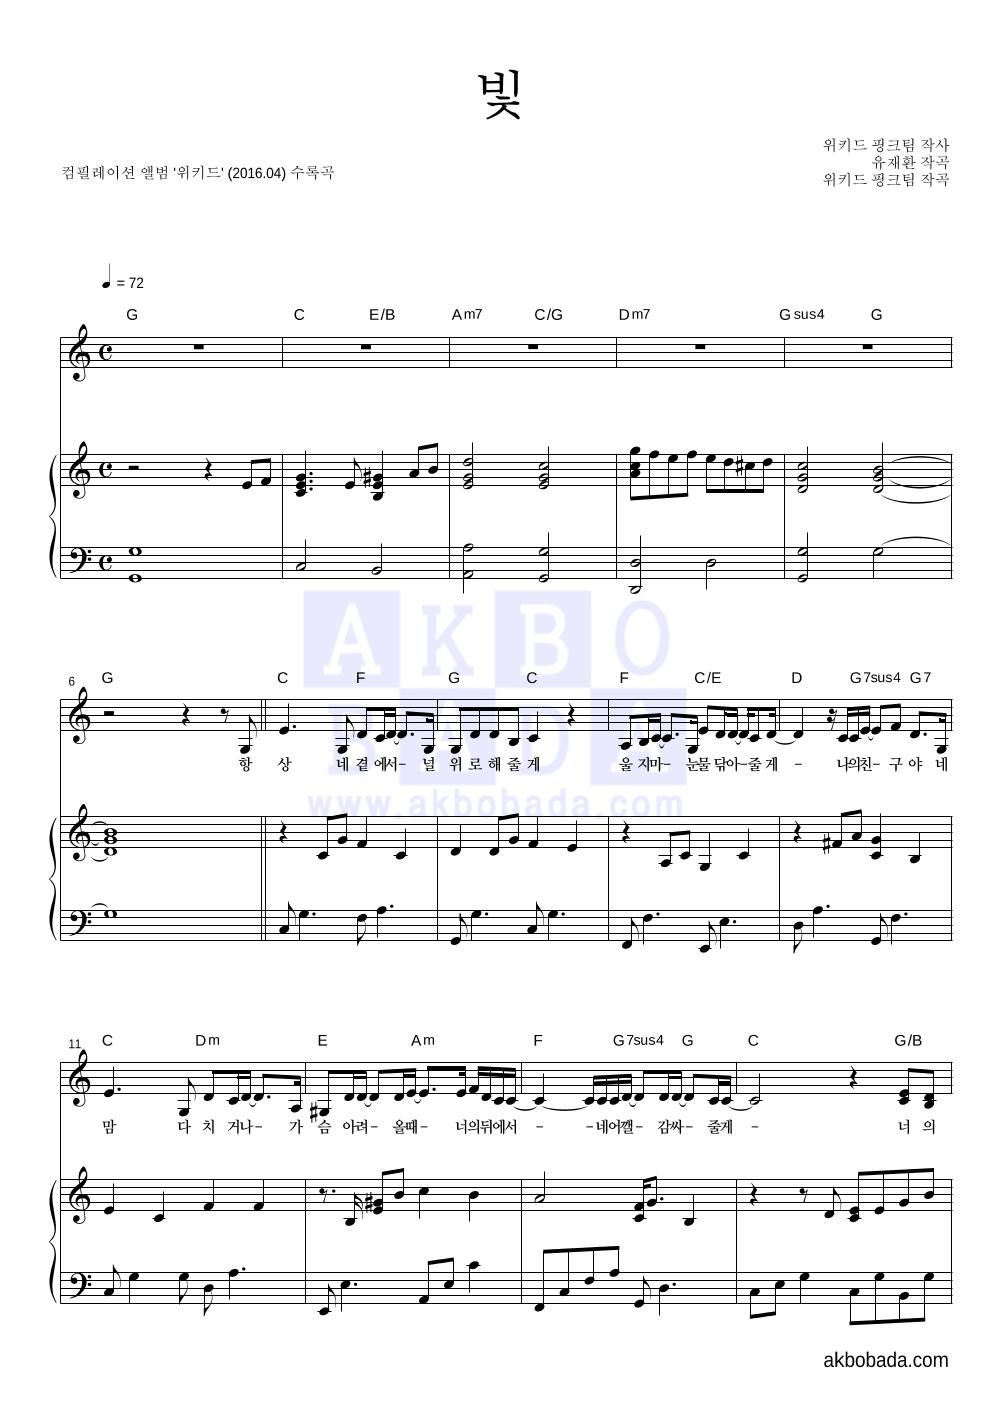 위키드 핑크팀(설가은,윤예담,오연준,송유진,문혜성) - 빛 피아노 3단 악보